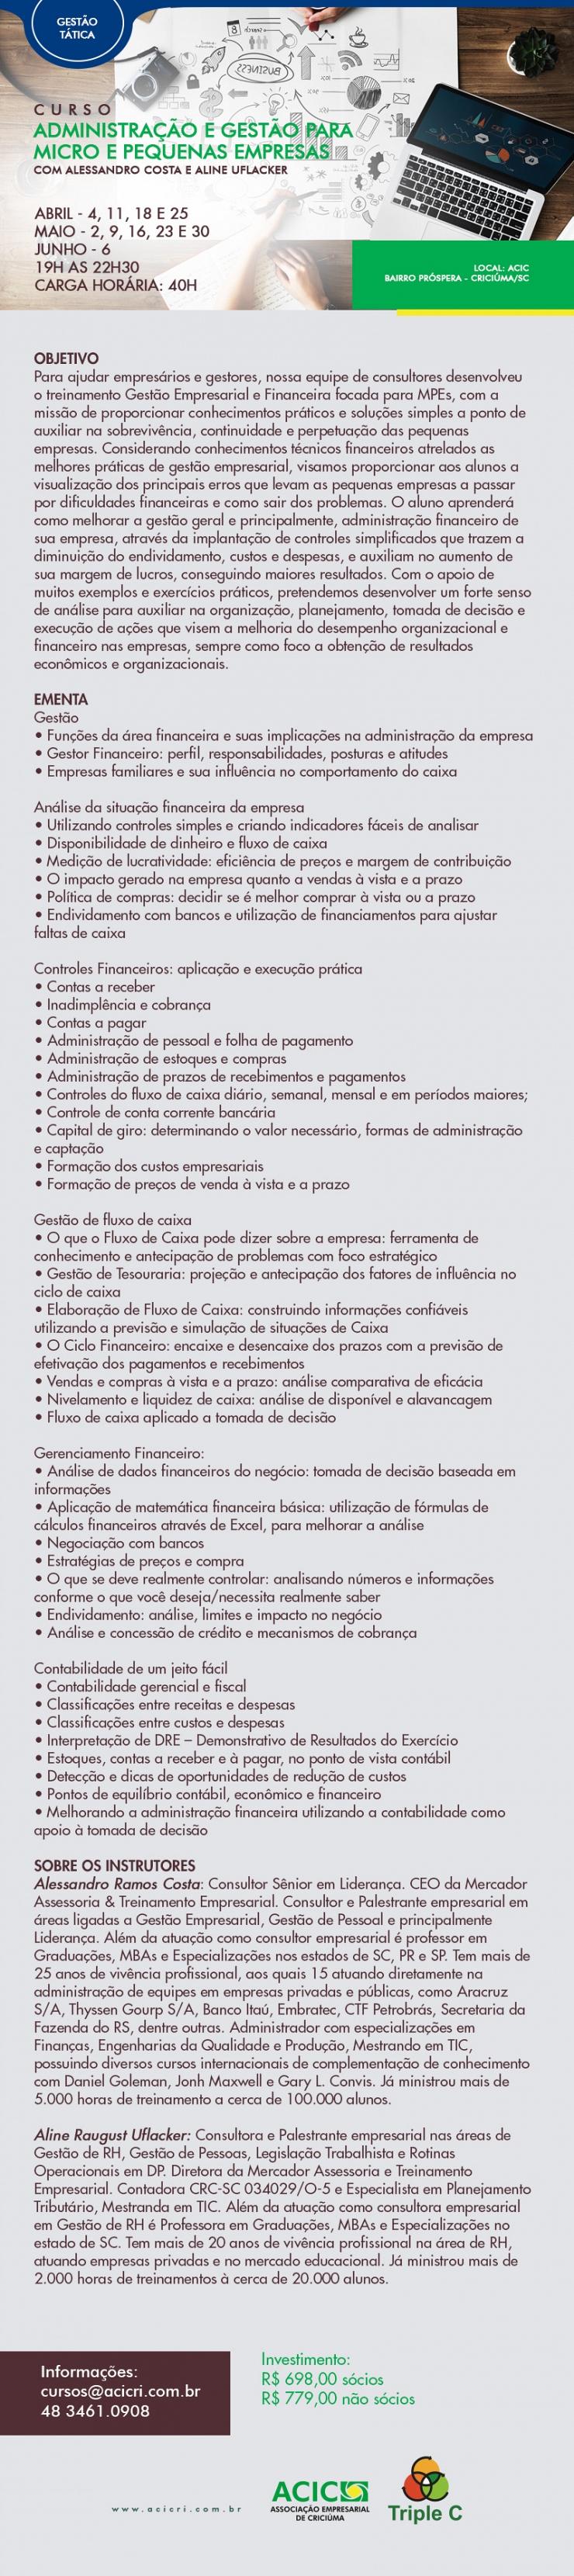 ADMINISTRAÇÃO E GESTÃO PARA MICRO E PEQUENAS EMPRESAS